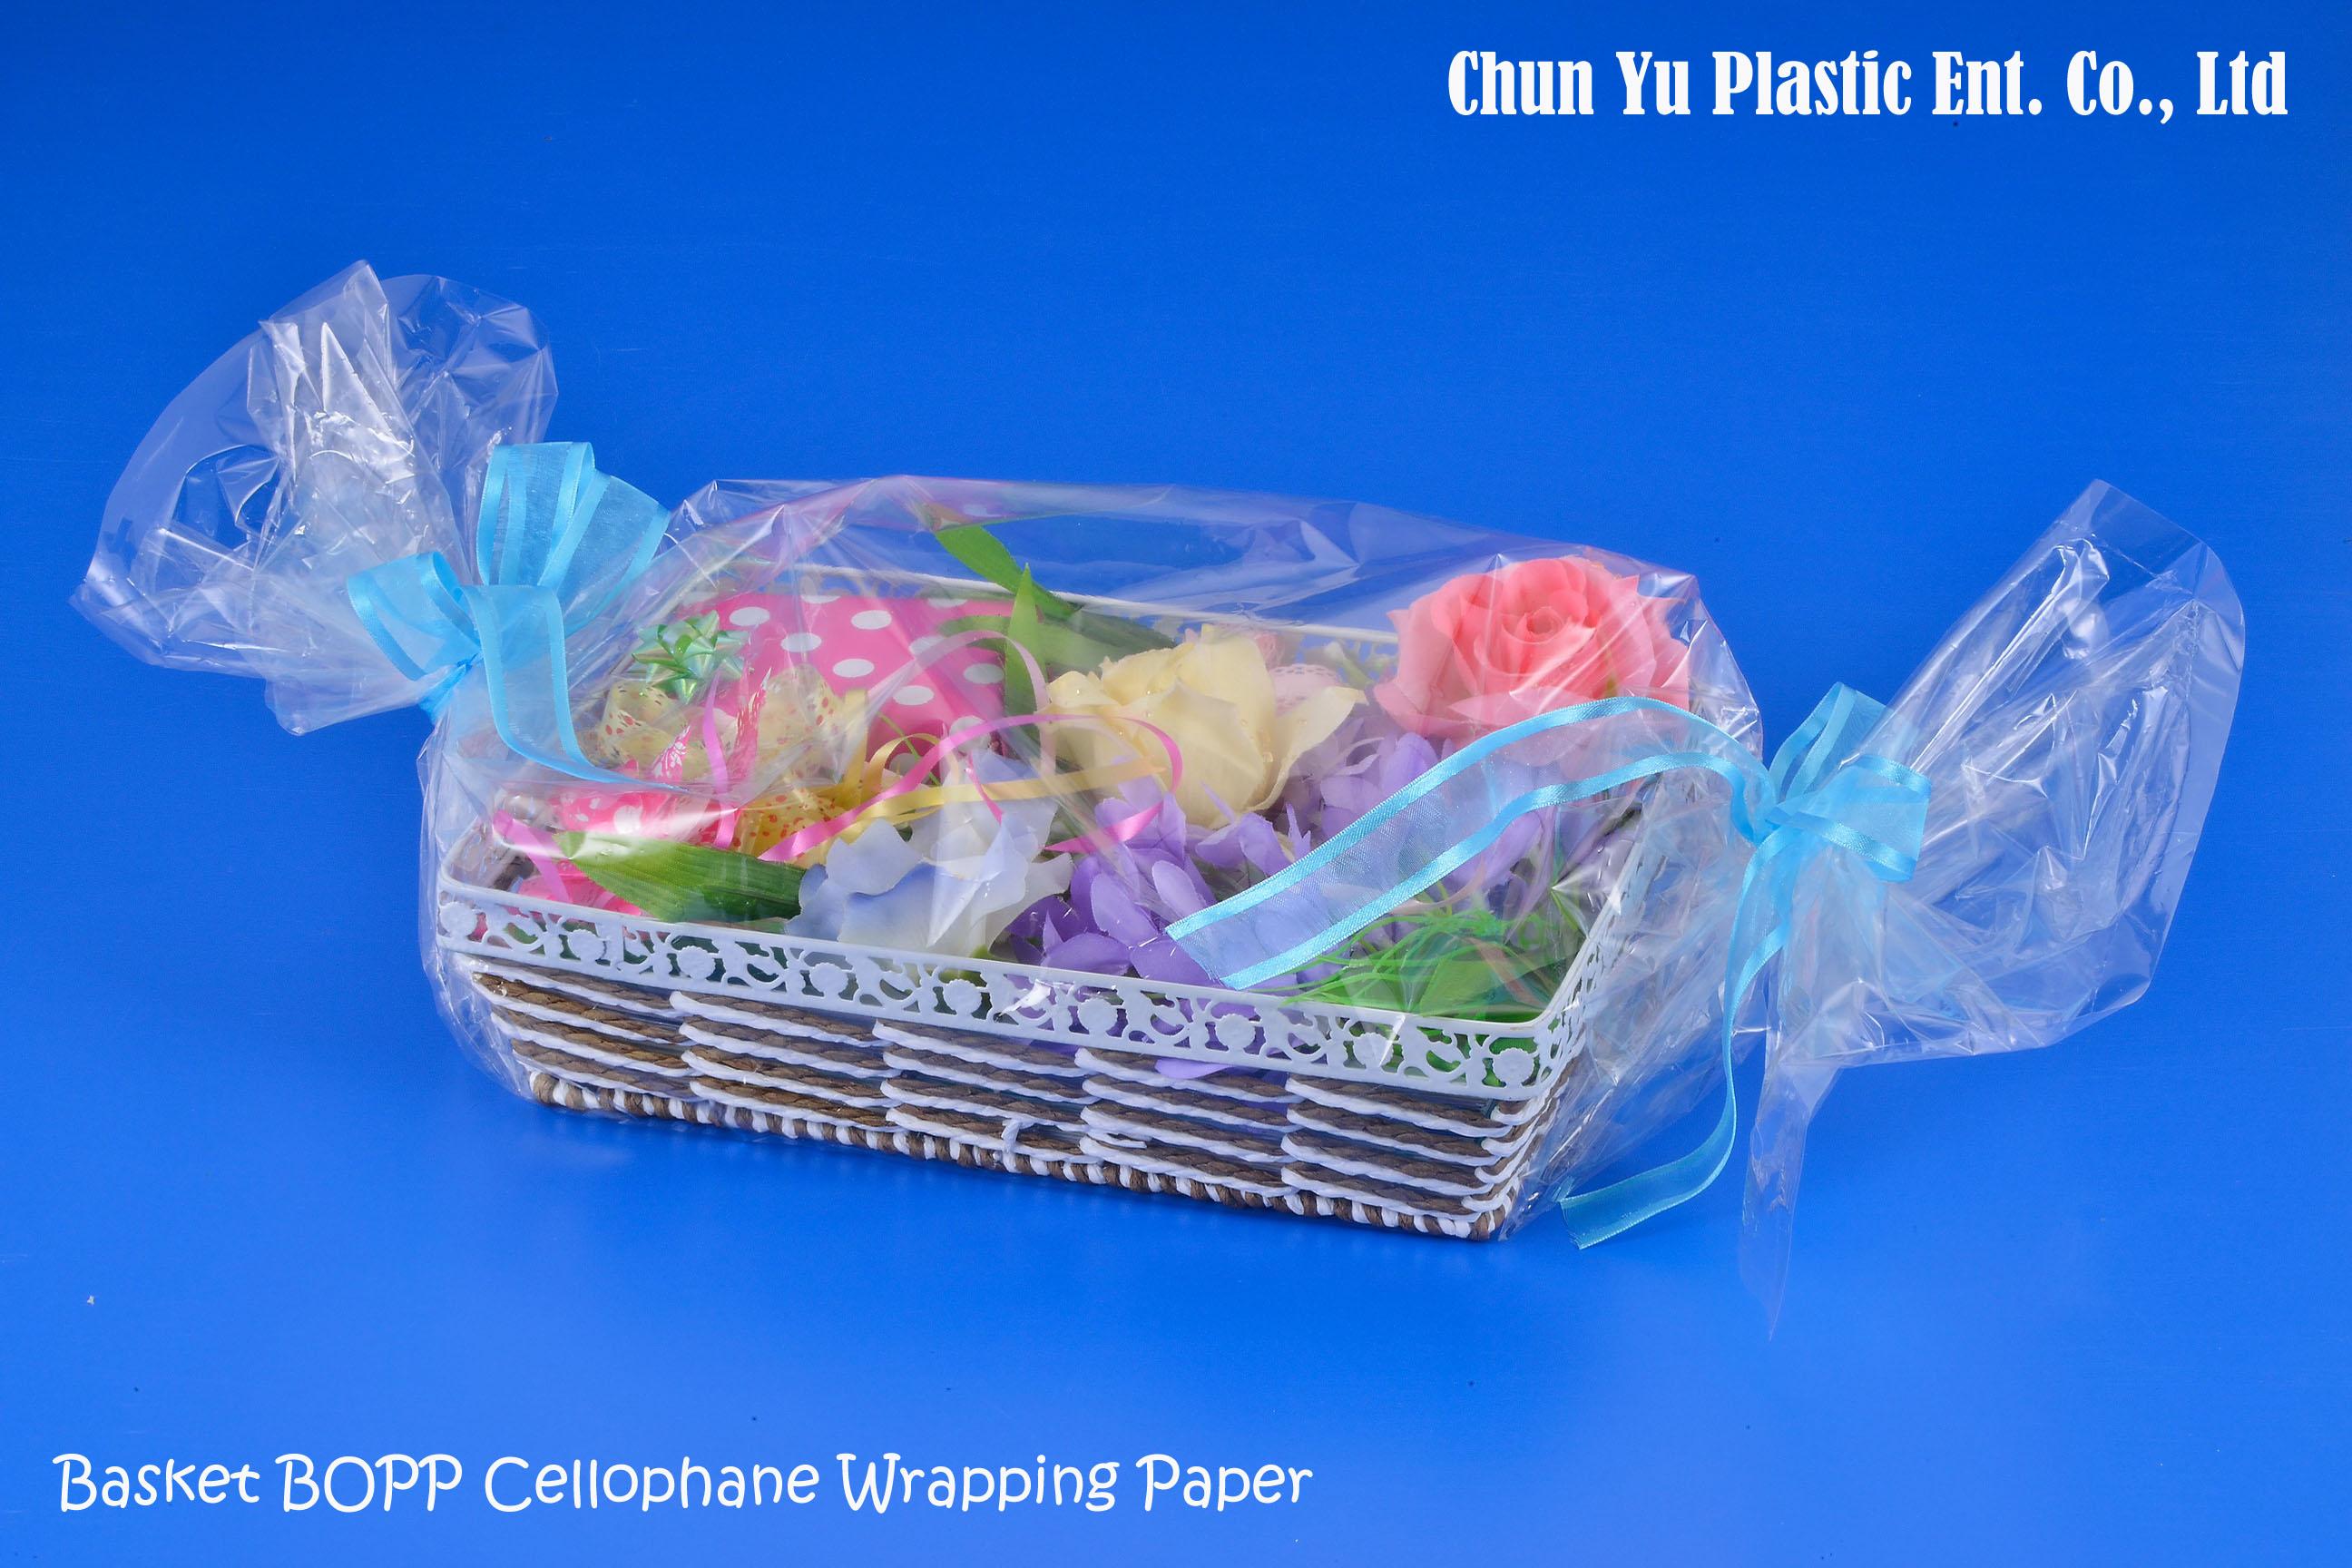 Przezroczysty celofanowy papier pakowy do układania koszyka prezentowego